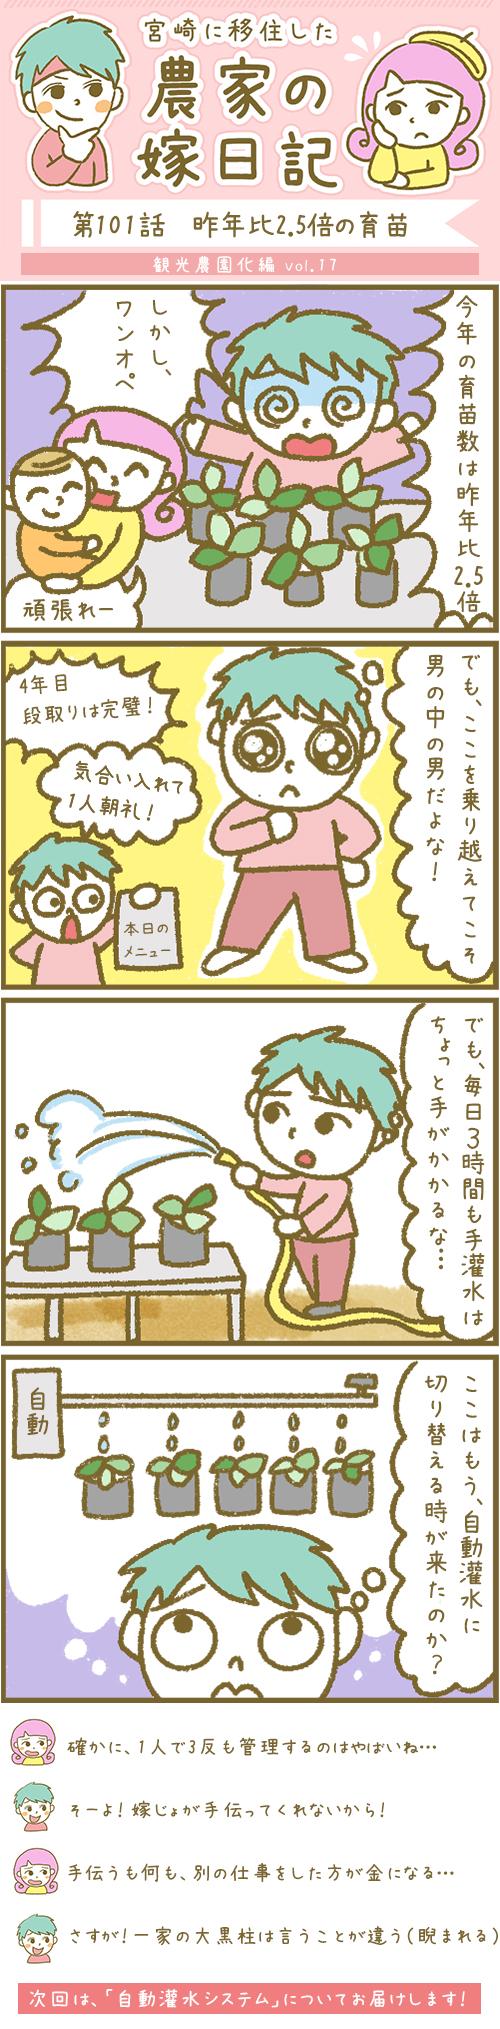 漫画第101話